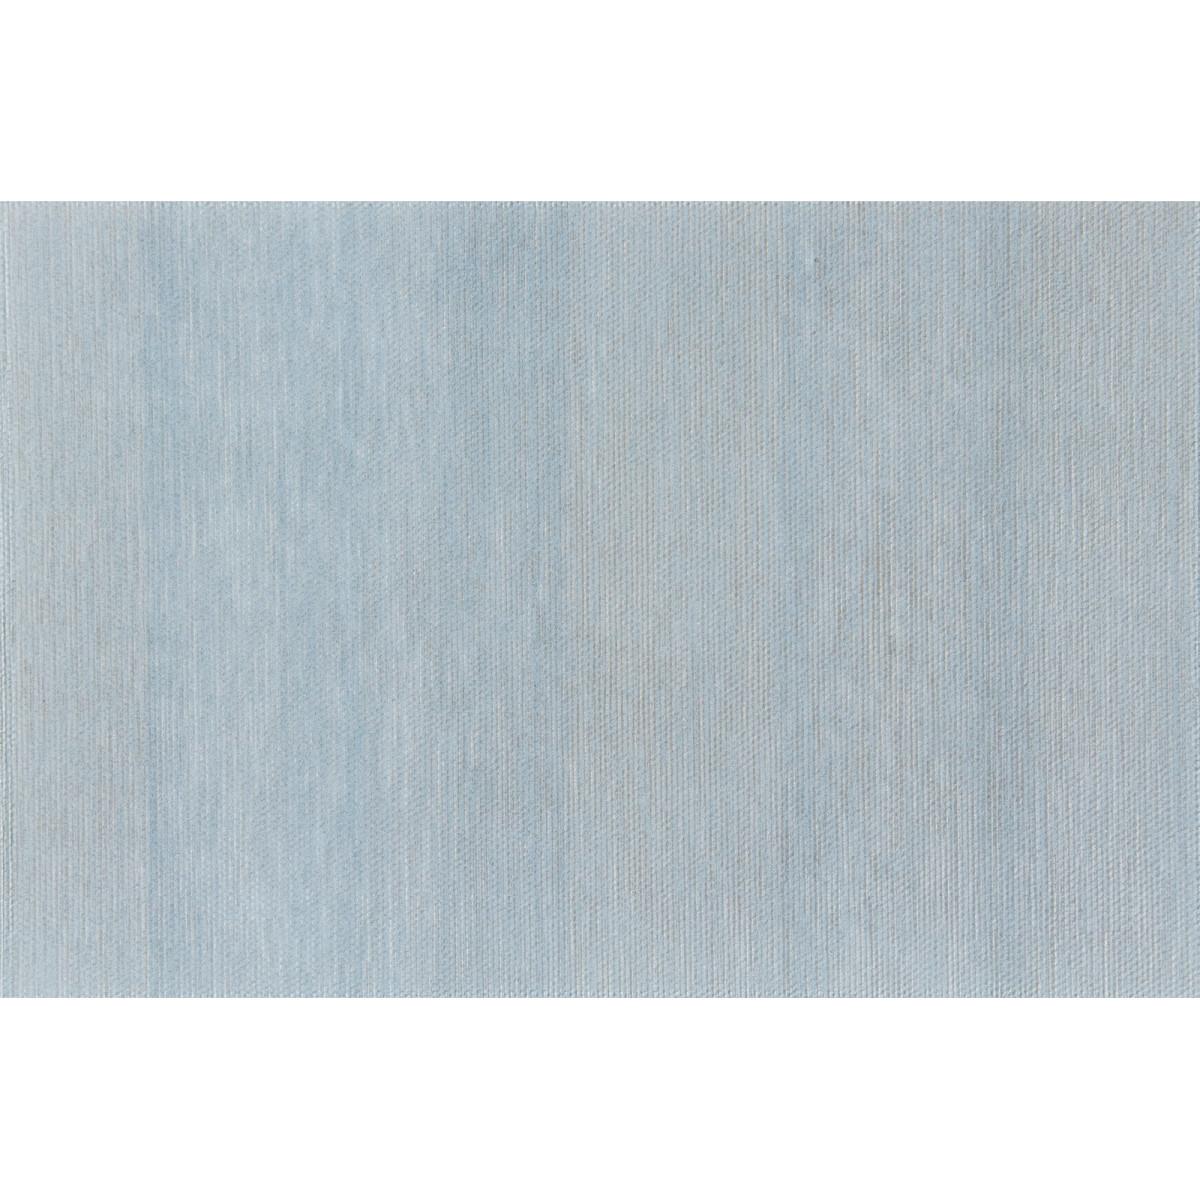 Плитка настеннаяTivoli глянцевая 27х40 см 1.08 м2 цвет серый